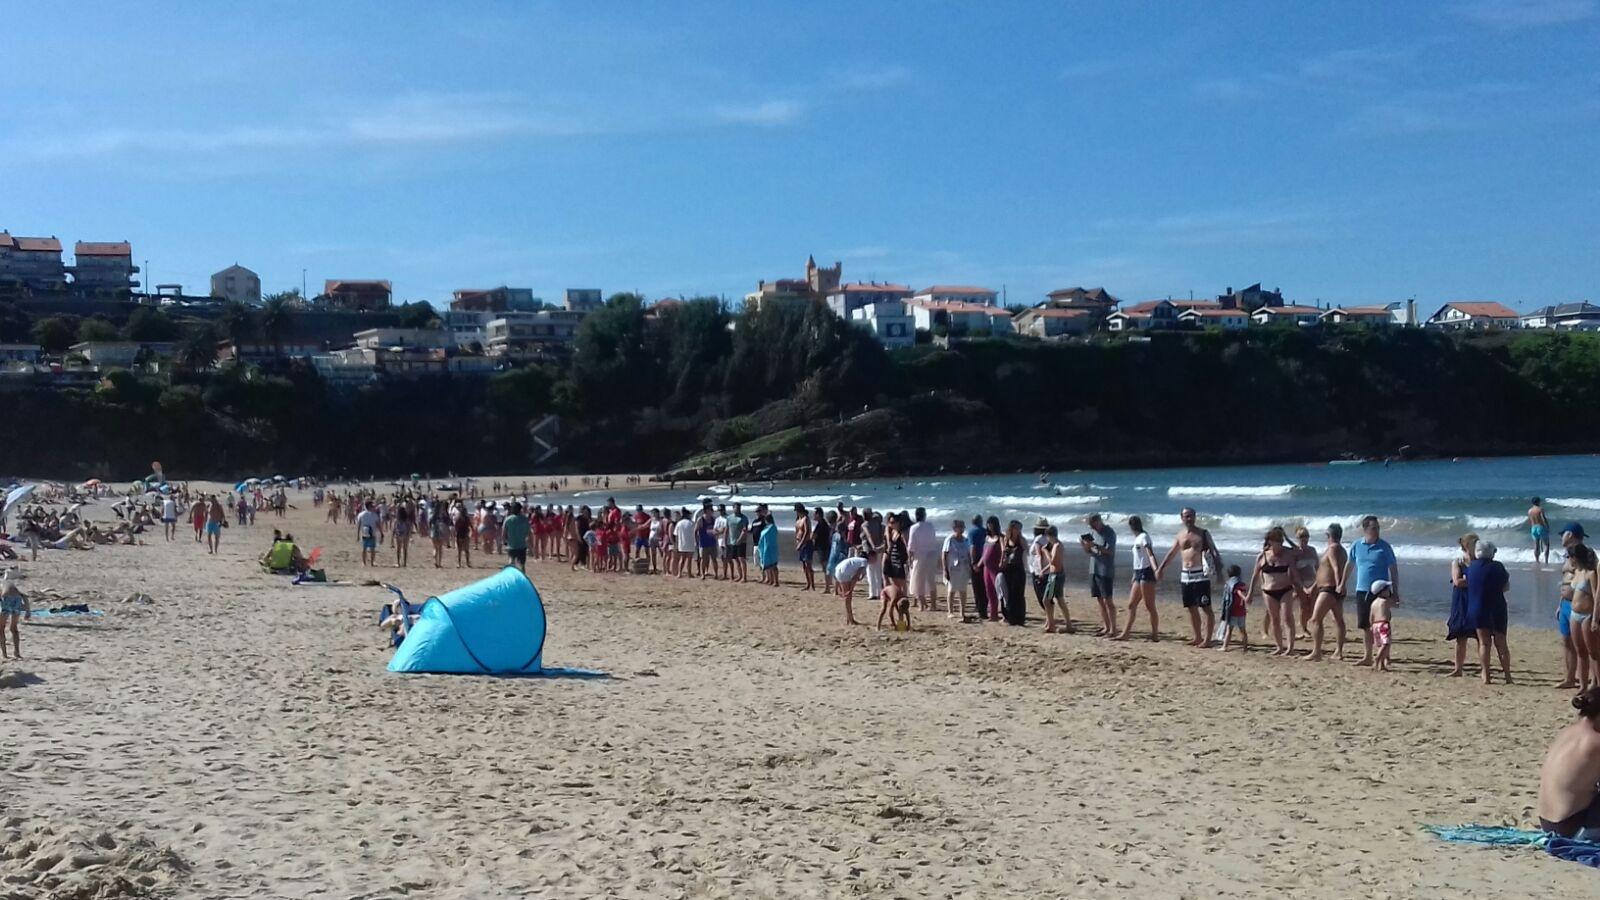 Polémica por la prohibición de baño en la Playa de la Concha de Suances